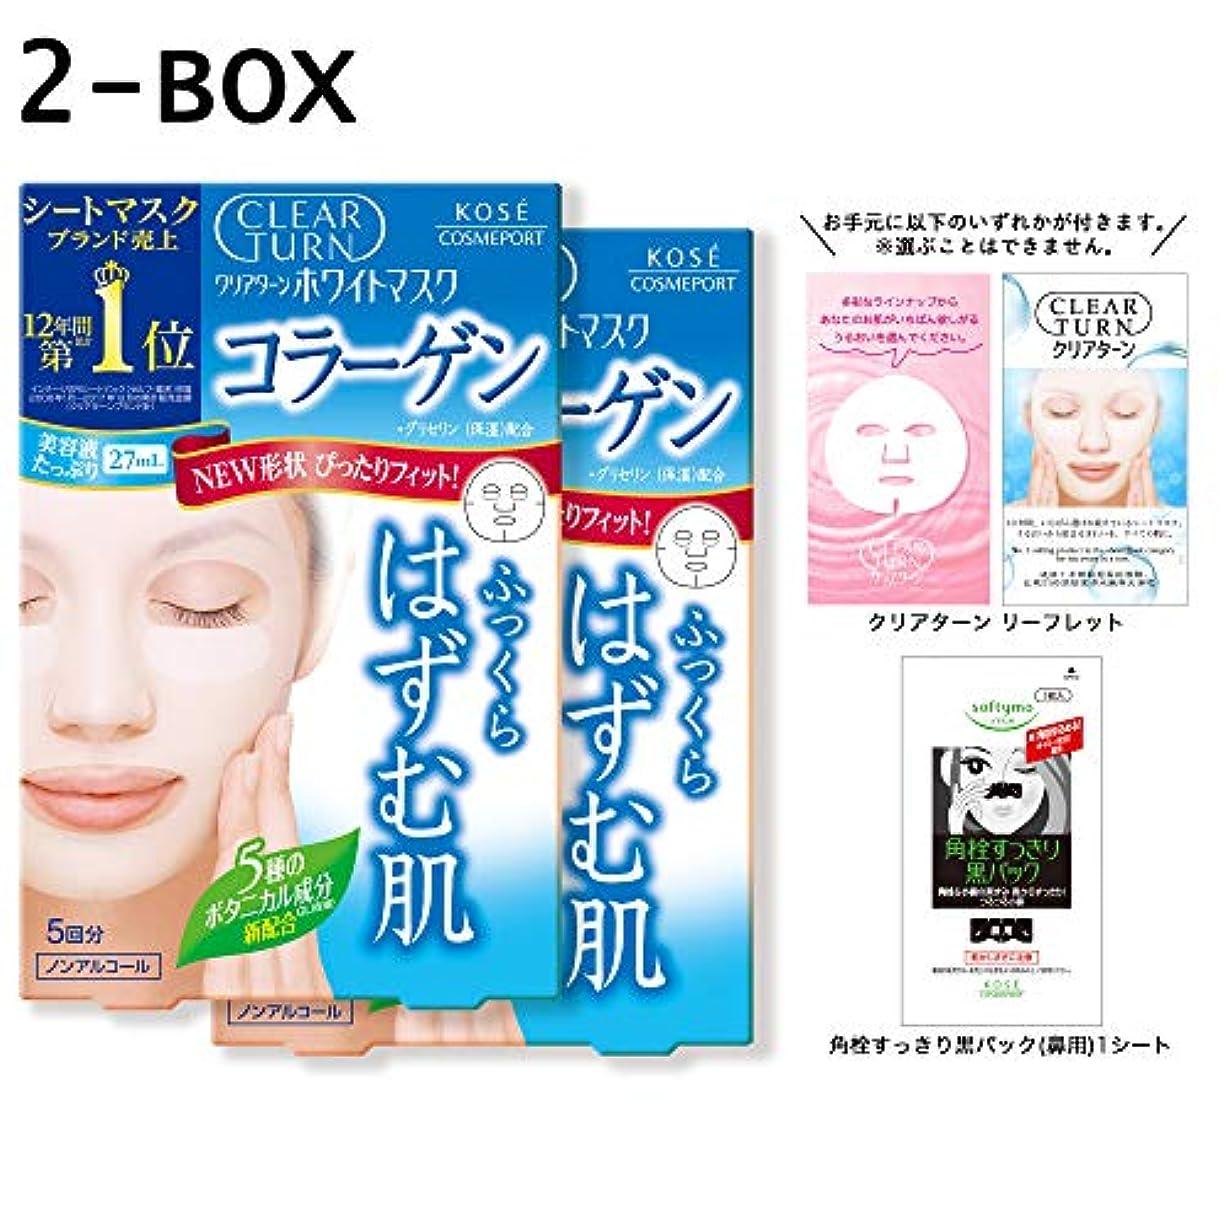 利用可能省現在【Amazon.co.jp限定】KOSE クリアターン ホワイトマスク コラーゲン 5回分 2P+おまけ付 フェイスマスク